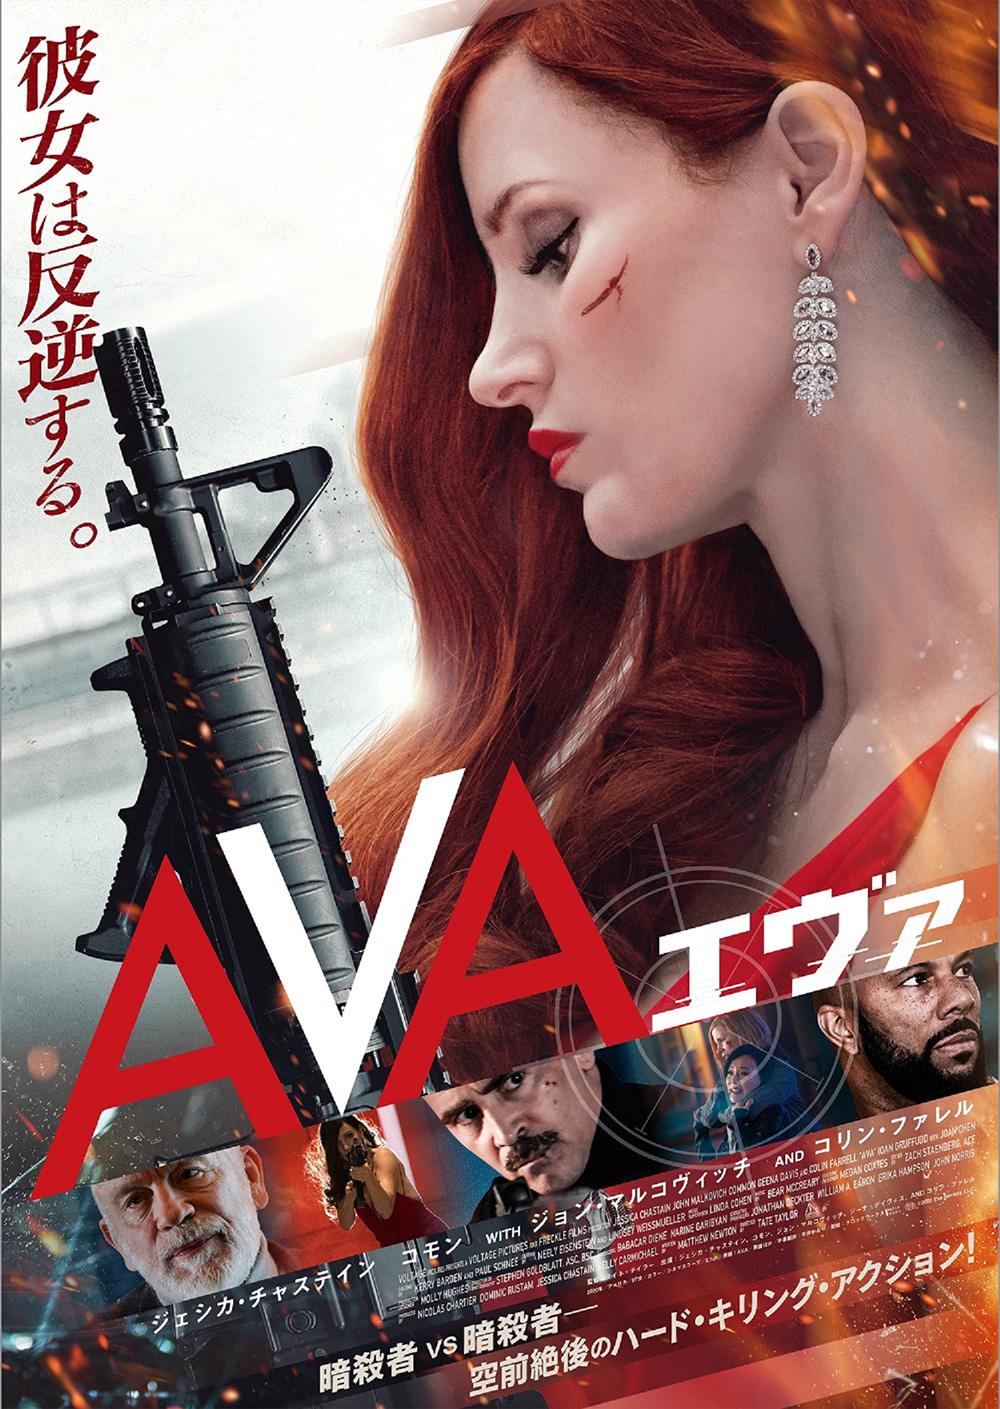 ジェシカ・チャステイン主演『AVA/エヴァ』